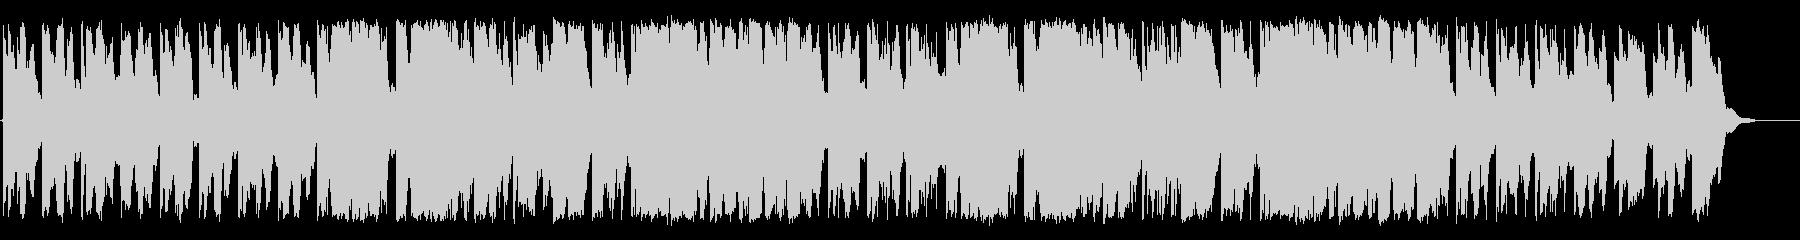 ふんわりとしたリラクゼーションBGMの未再生の波形